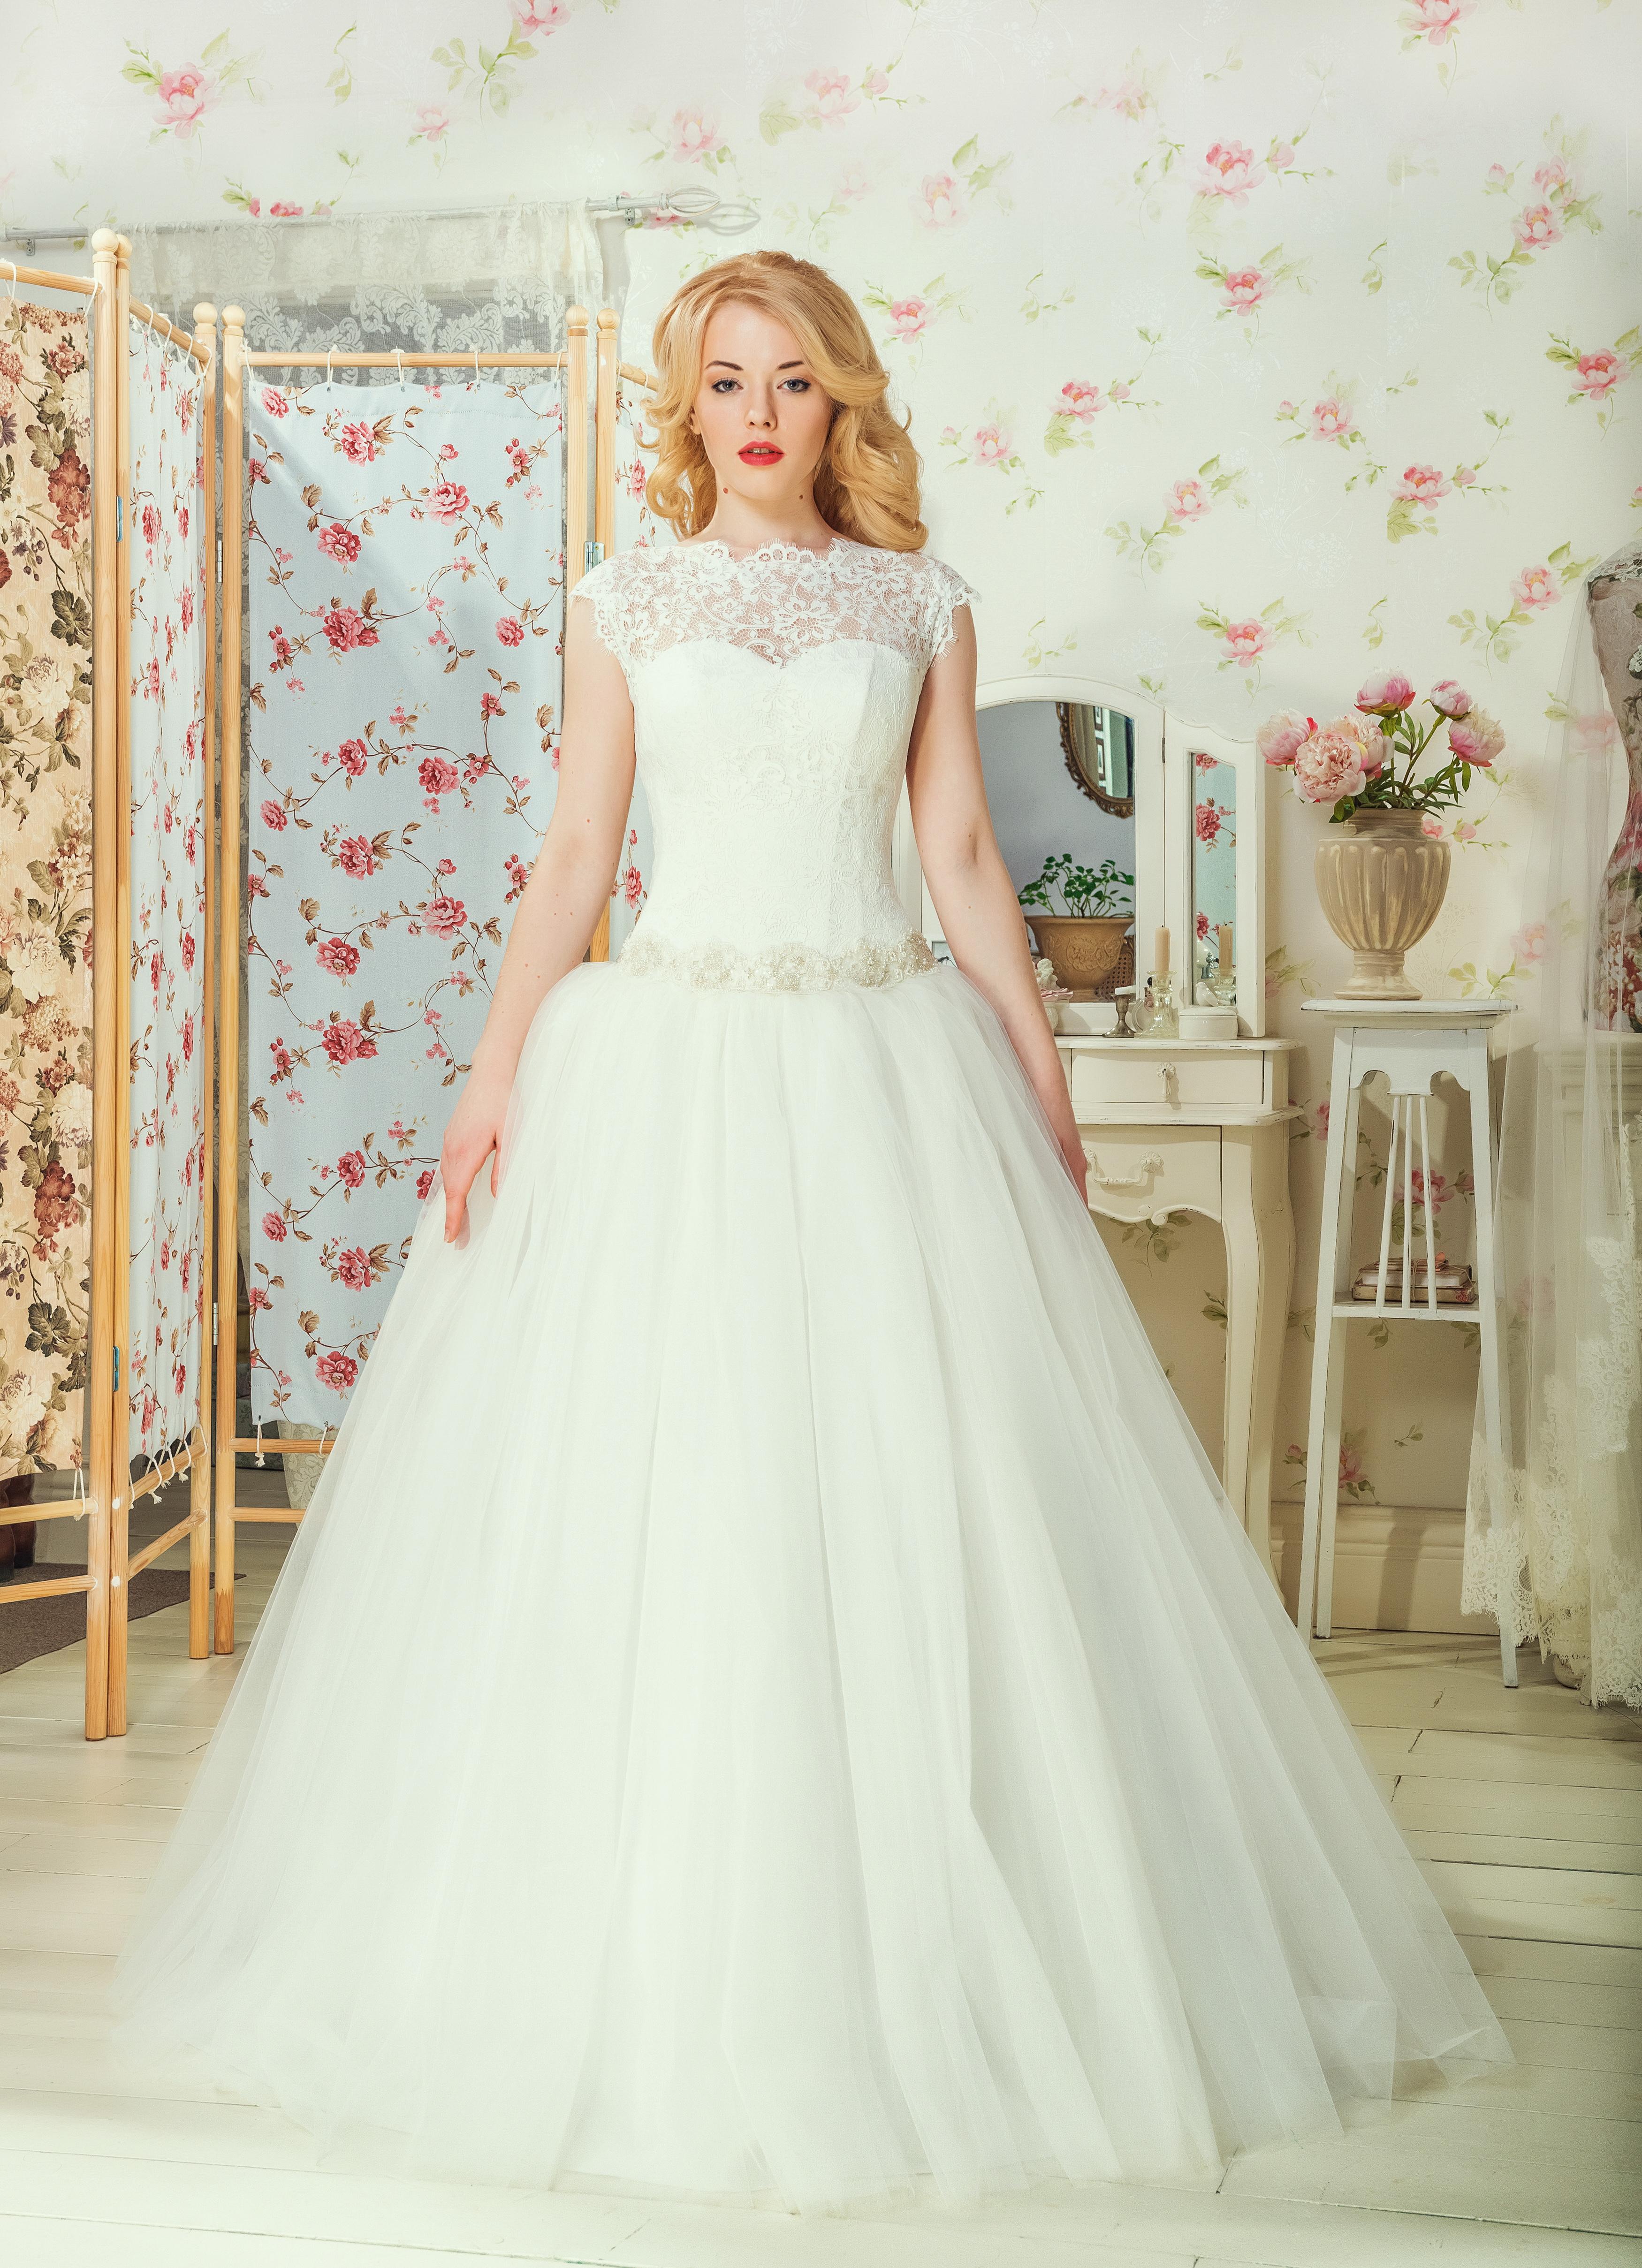 Сколько стоит свадебные платья в чебоксарах